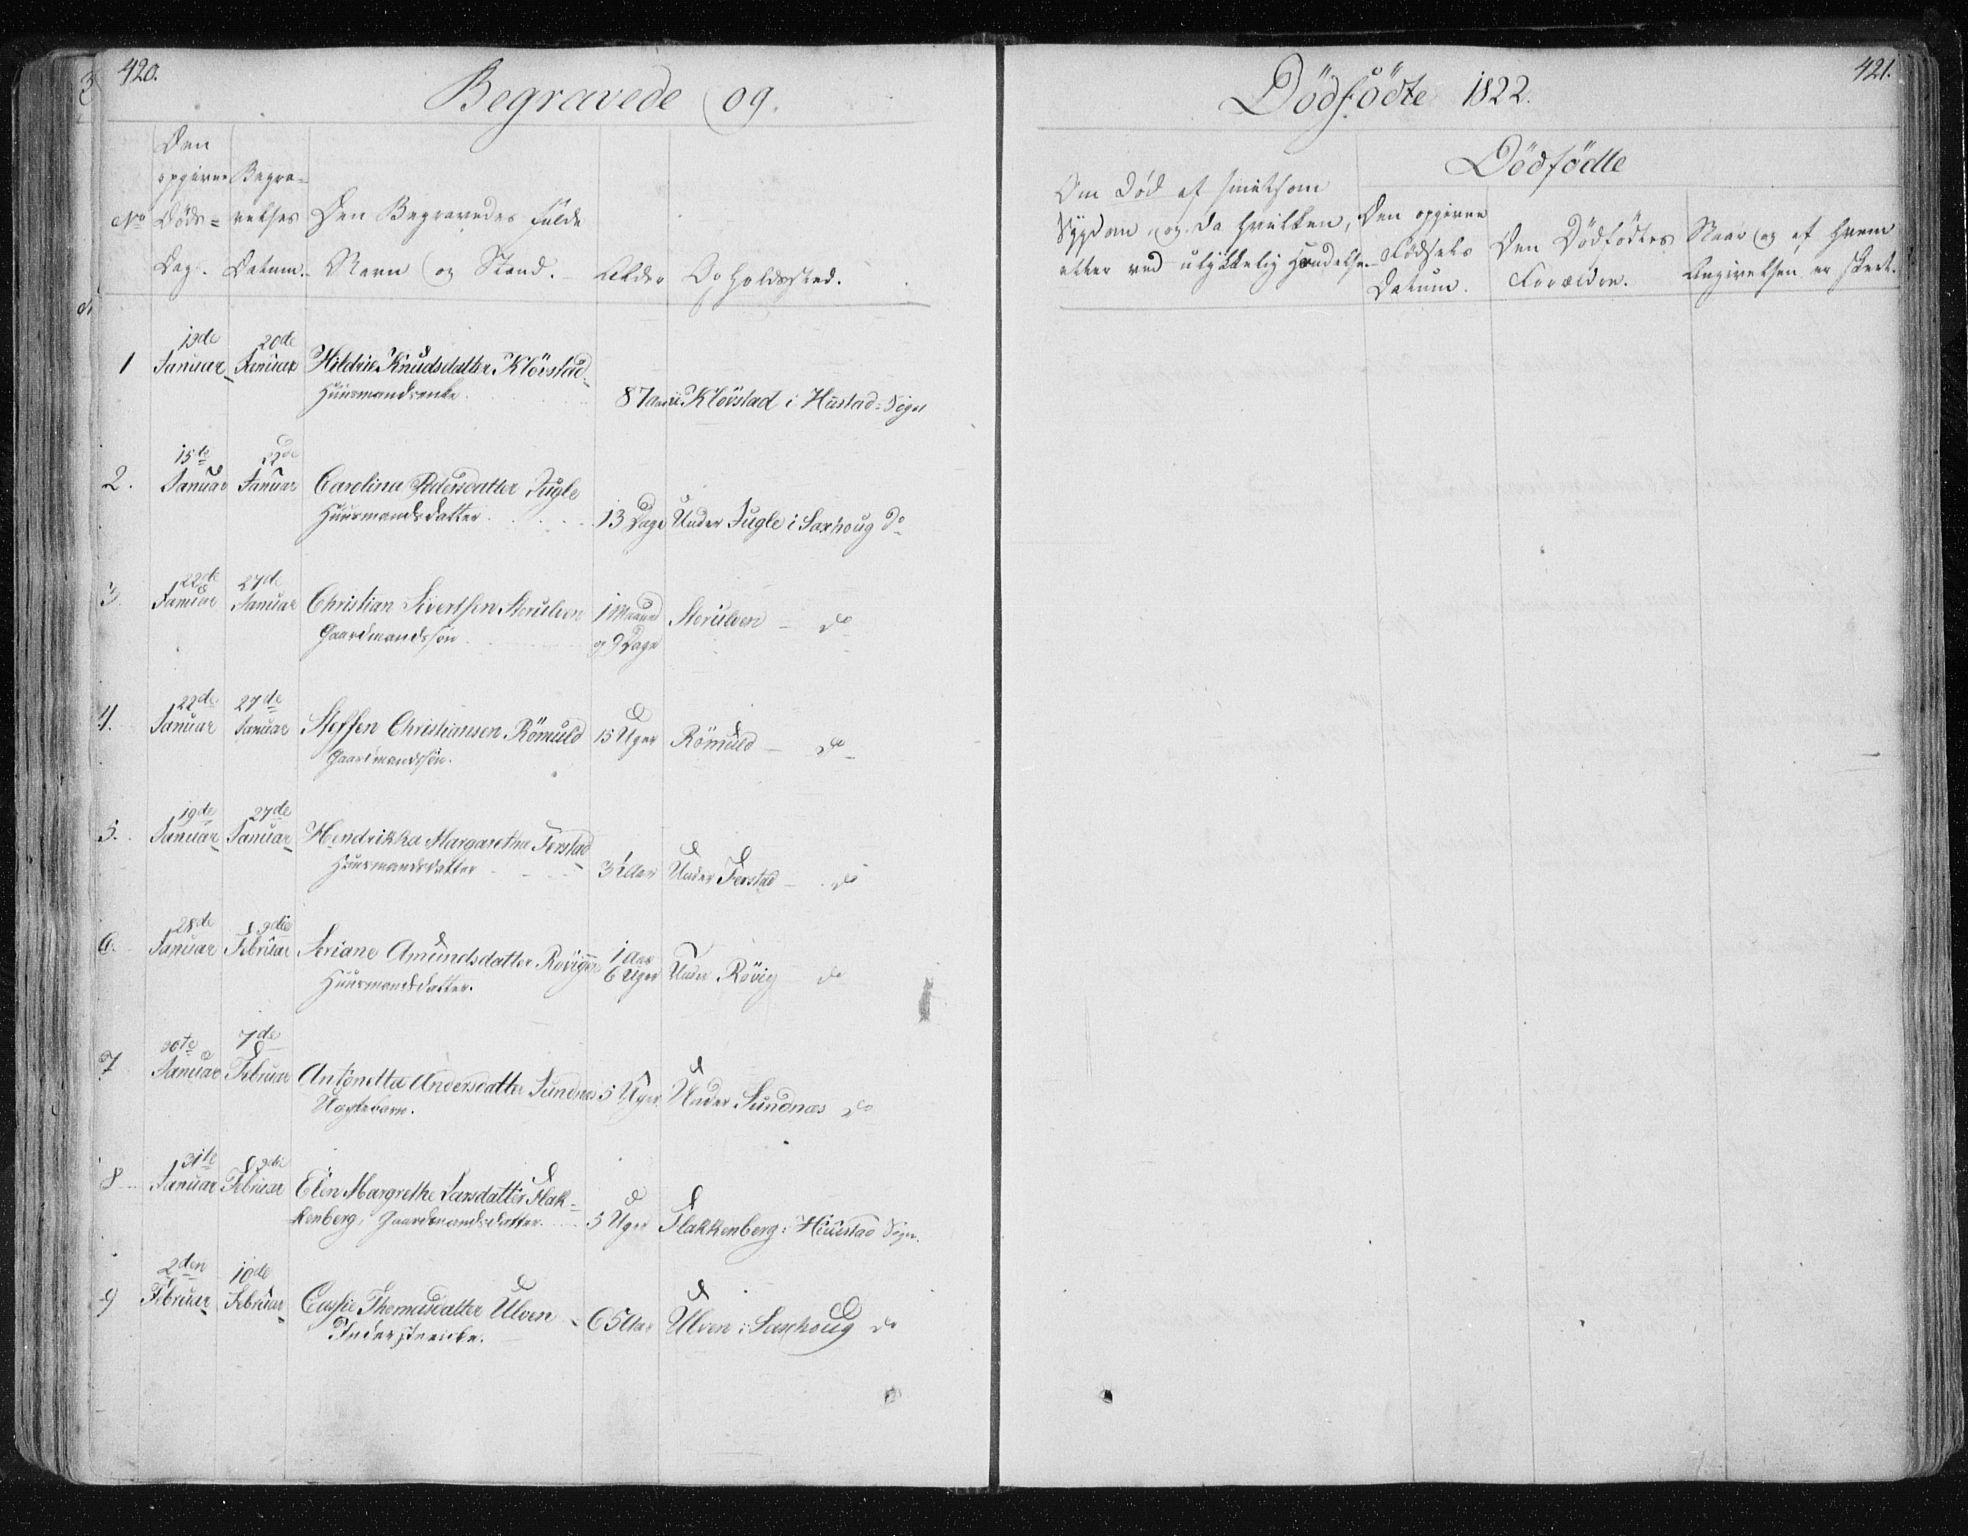 SAT, Ministerialprotokoller, klokkerbøker og fødselsregistre - Nord-Trøndelag, 730/L0276: Ministerialbok nr. 730A05, 1822-1830, s. 420-421